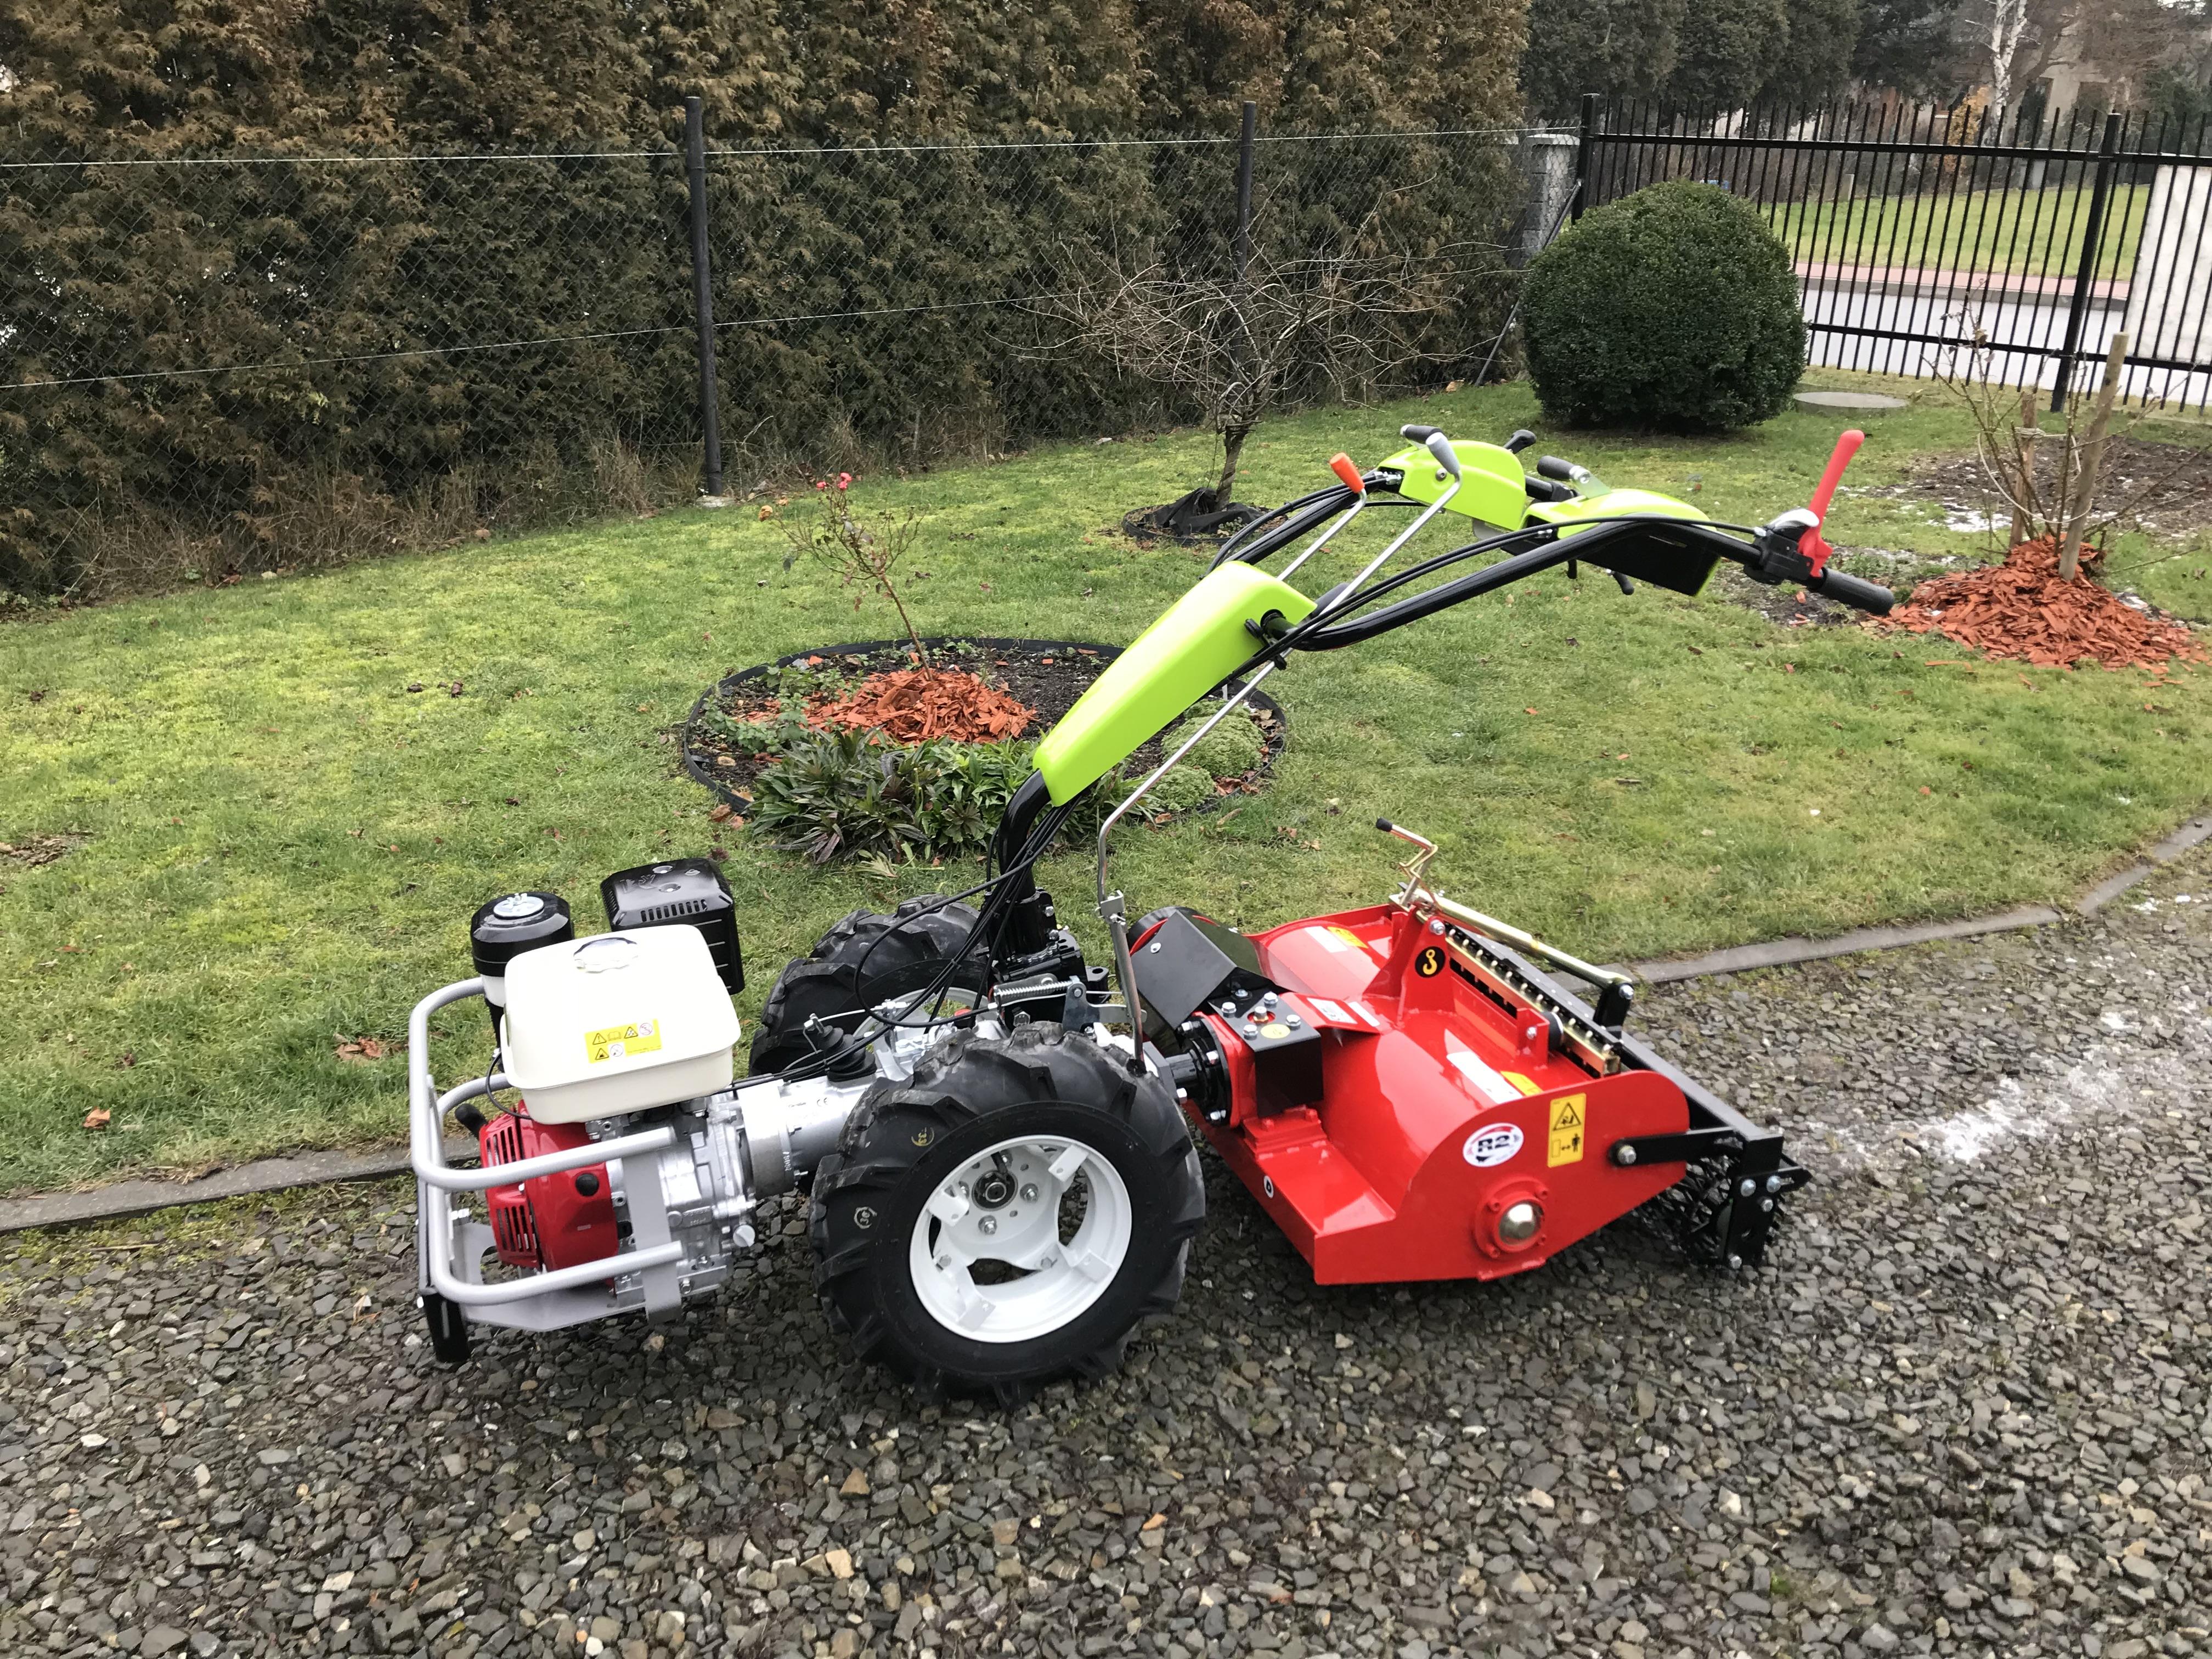 Traktorek Grillo 110